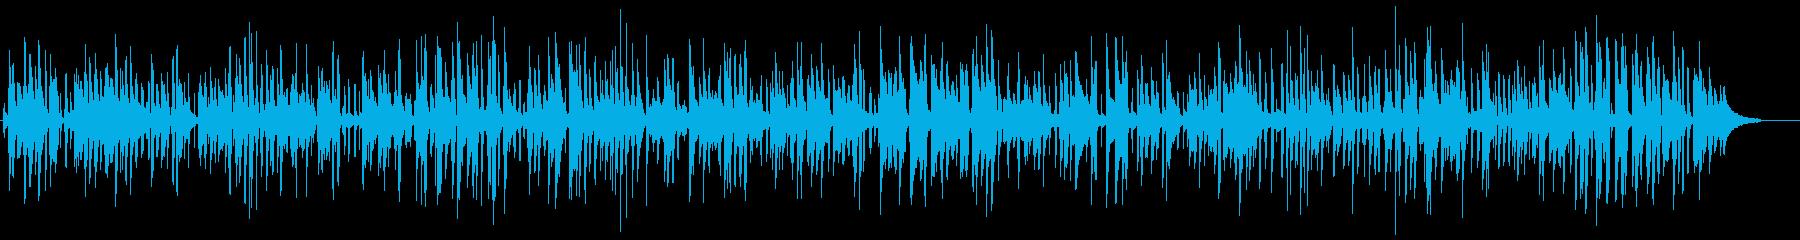 おしゃれなピアノトリオのジャズライブの再生済みの波形